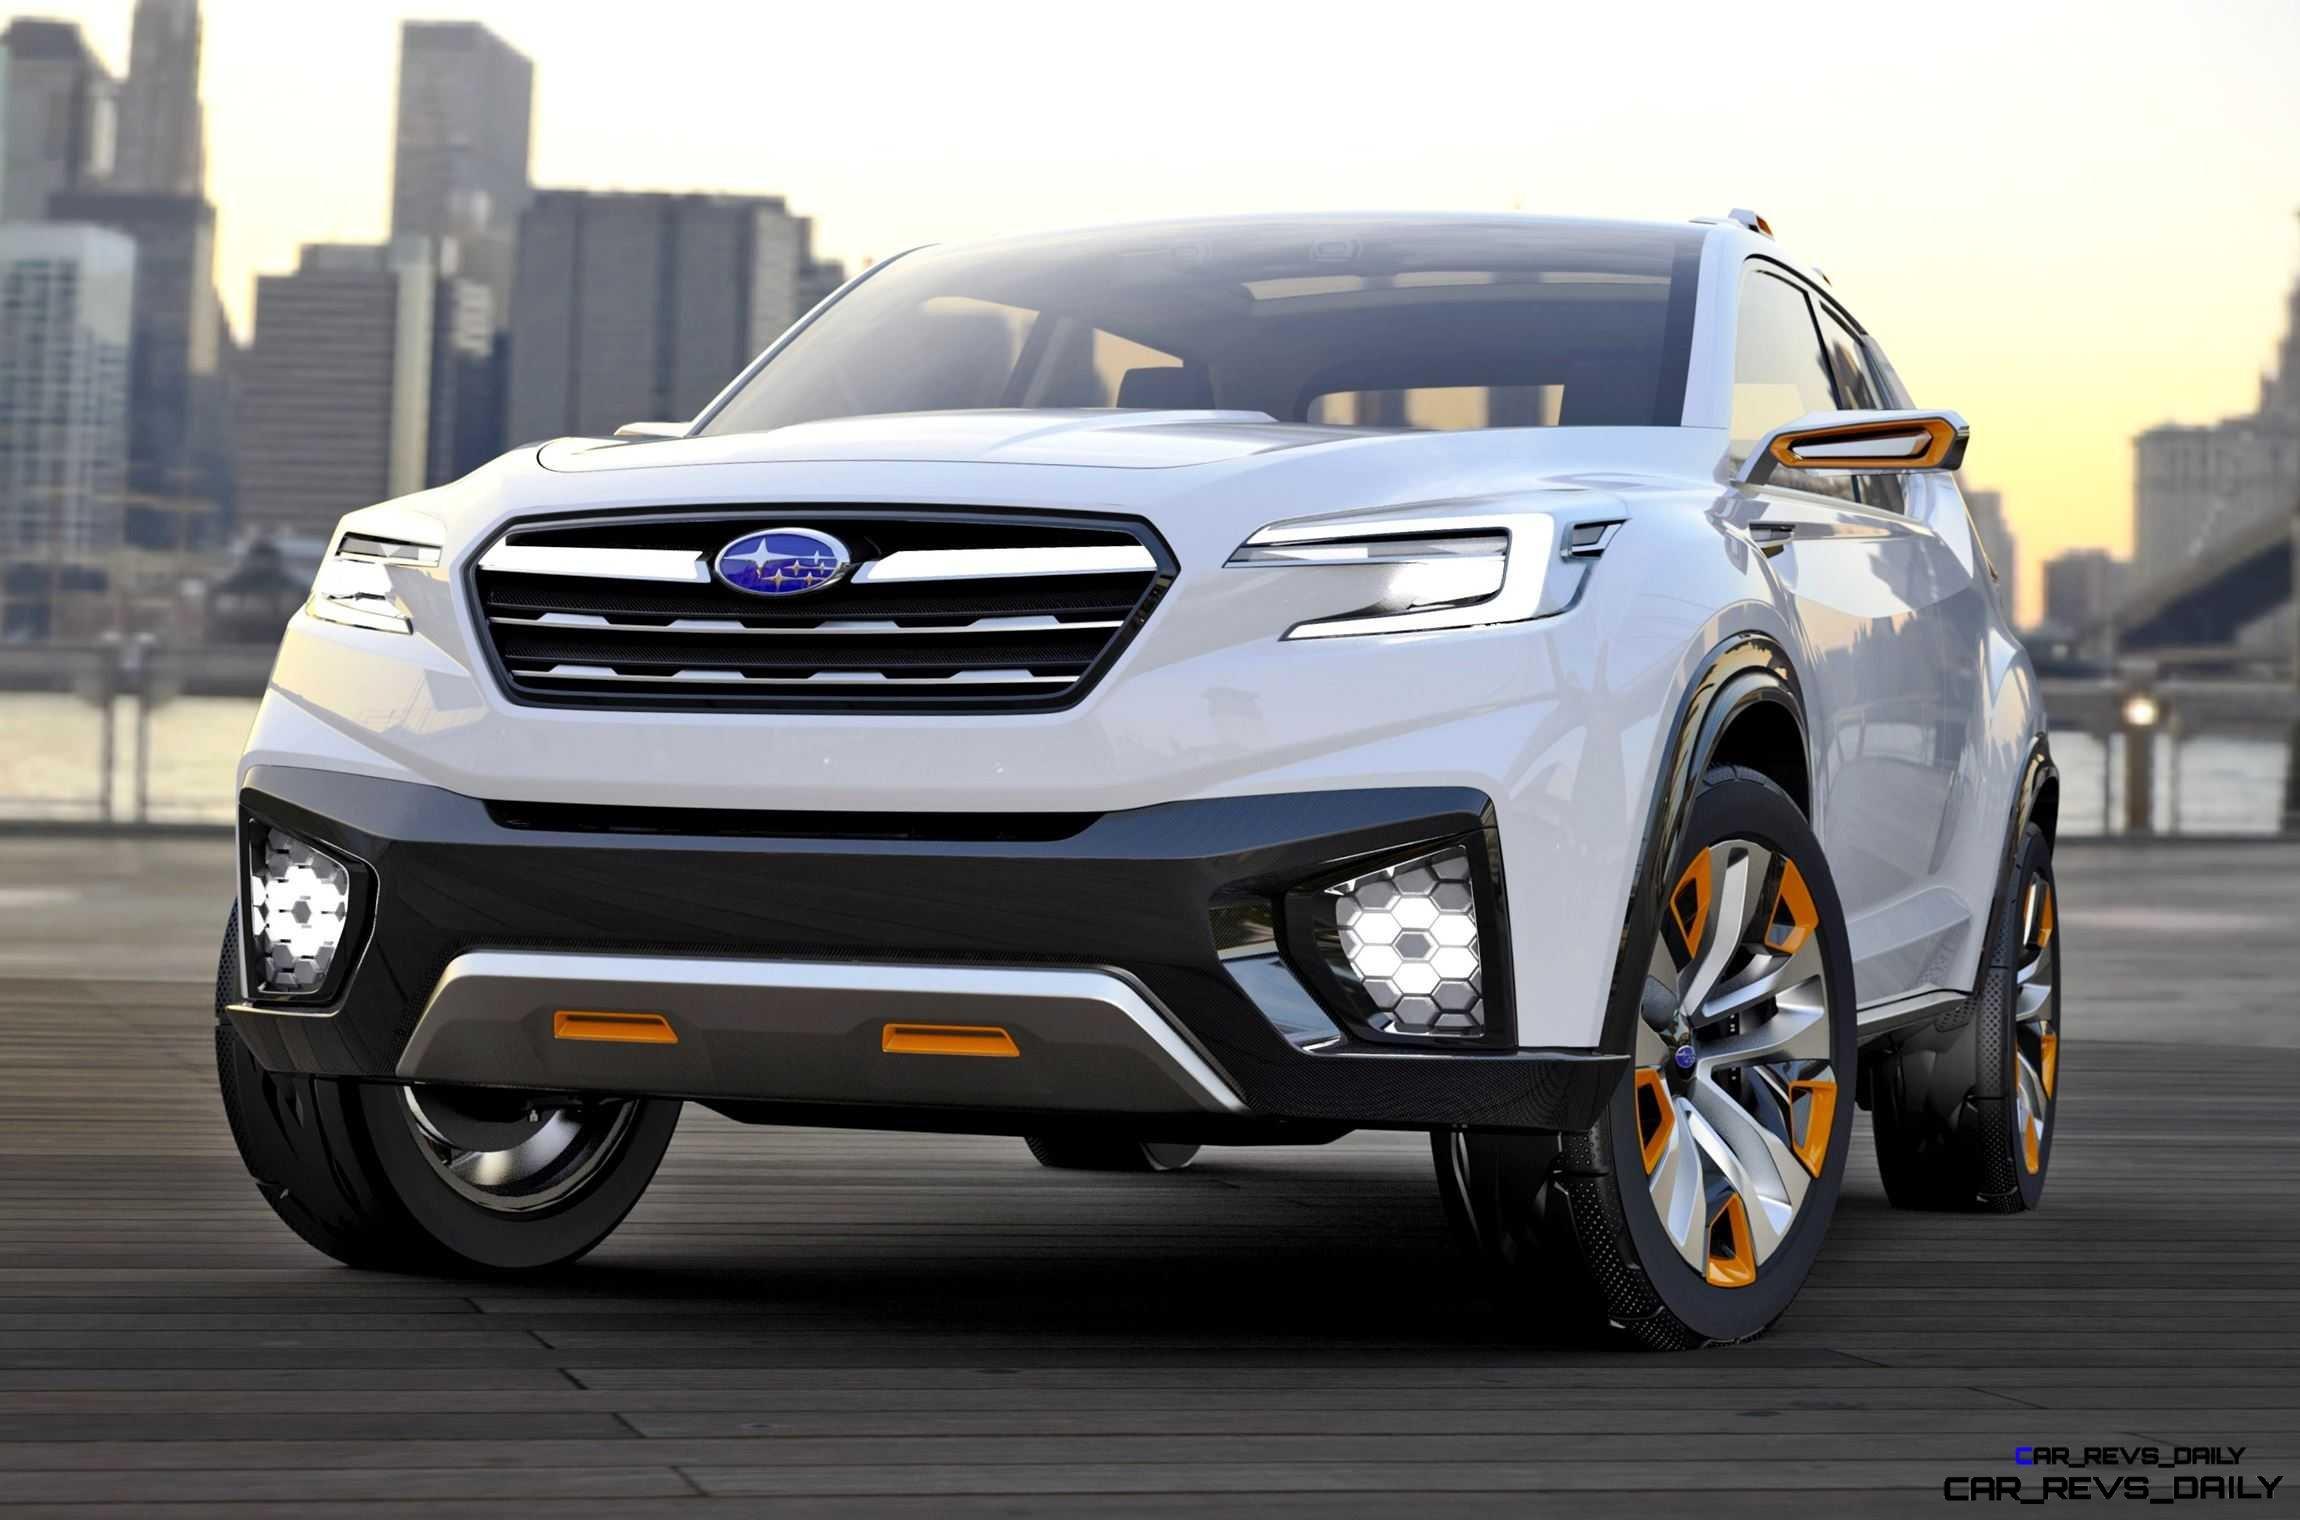 2015 Subaru VIZIV Future Concept